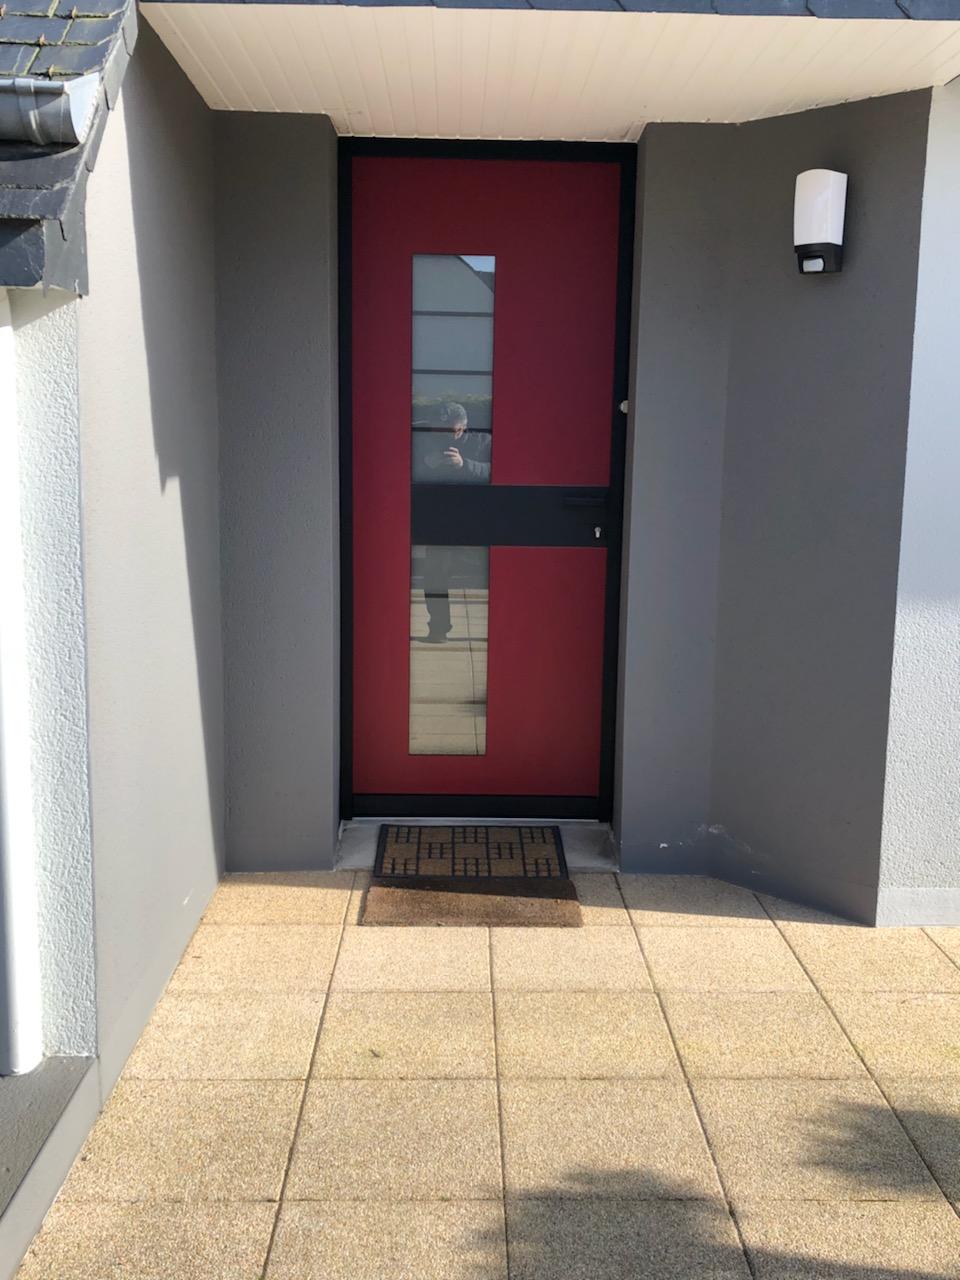 Pose d 39 une porte d 39 entr e alu bicolor avec verre d poli design - Pose d une porte ...